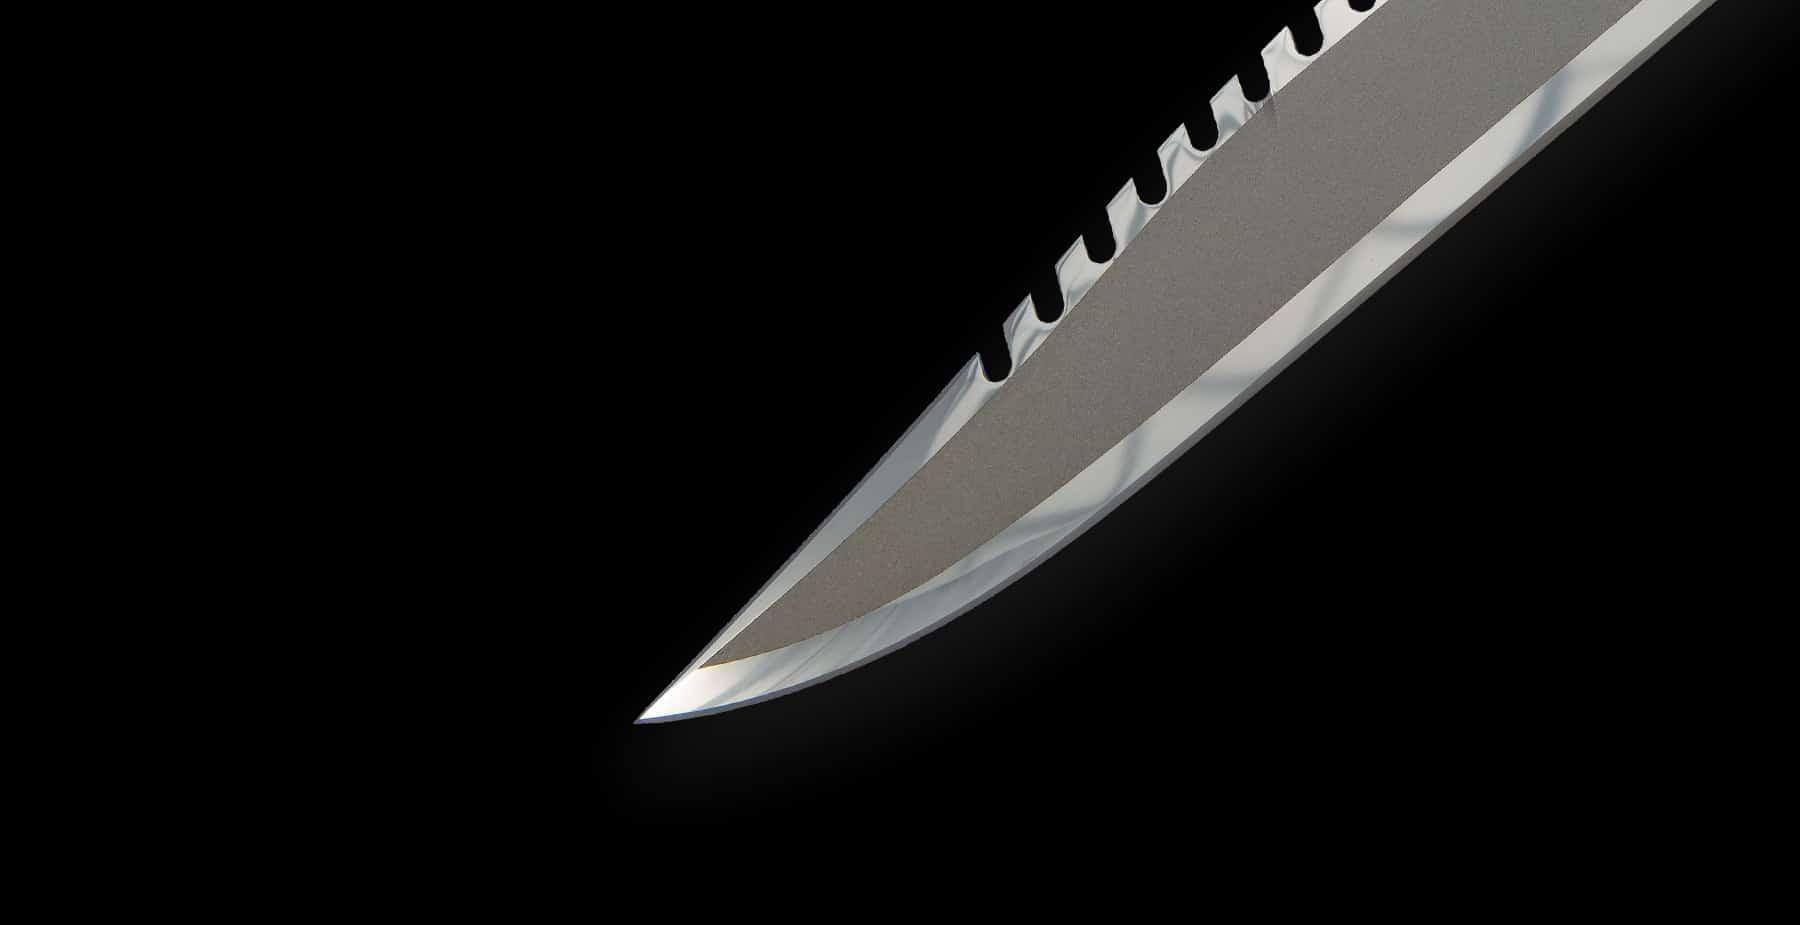 Jimmy Lile Knives - The Arkansas Knifesmith - Knifemaker to